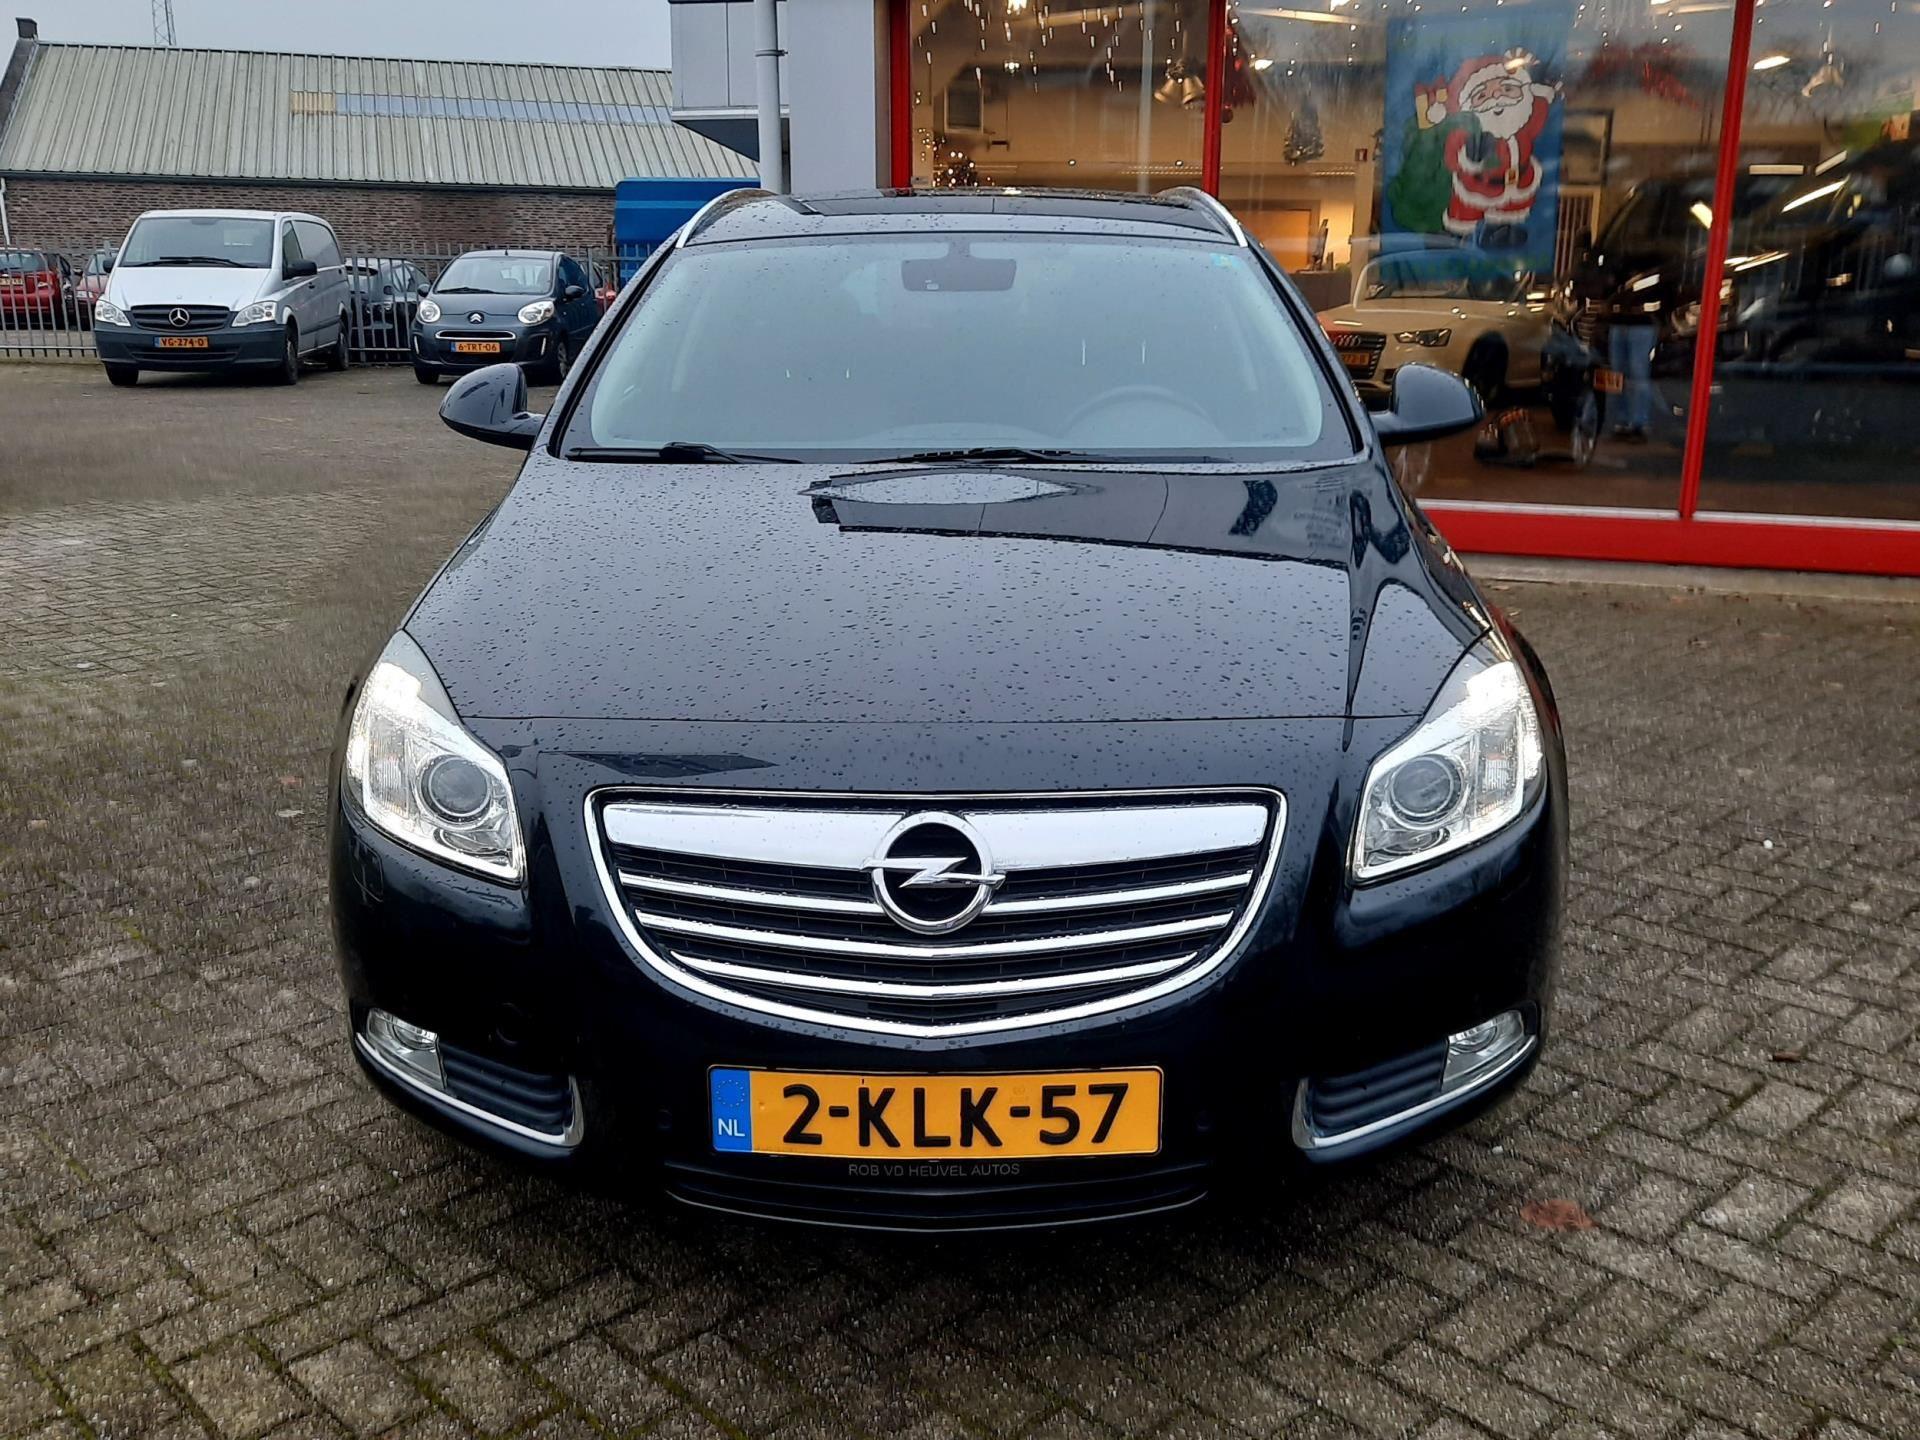 Opel Insignia Sports Tourer occasion - Rob v/d Heuvel Auto's